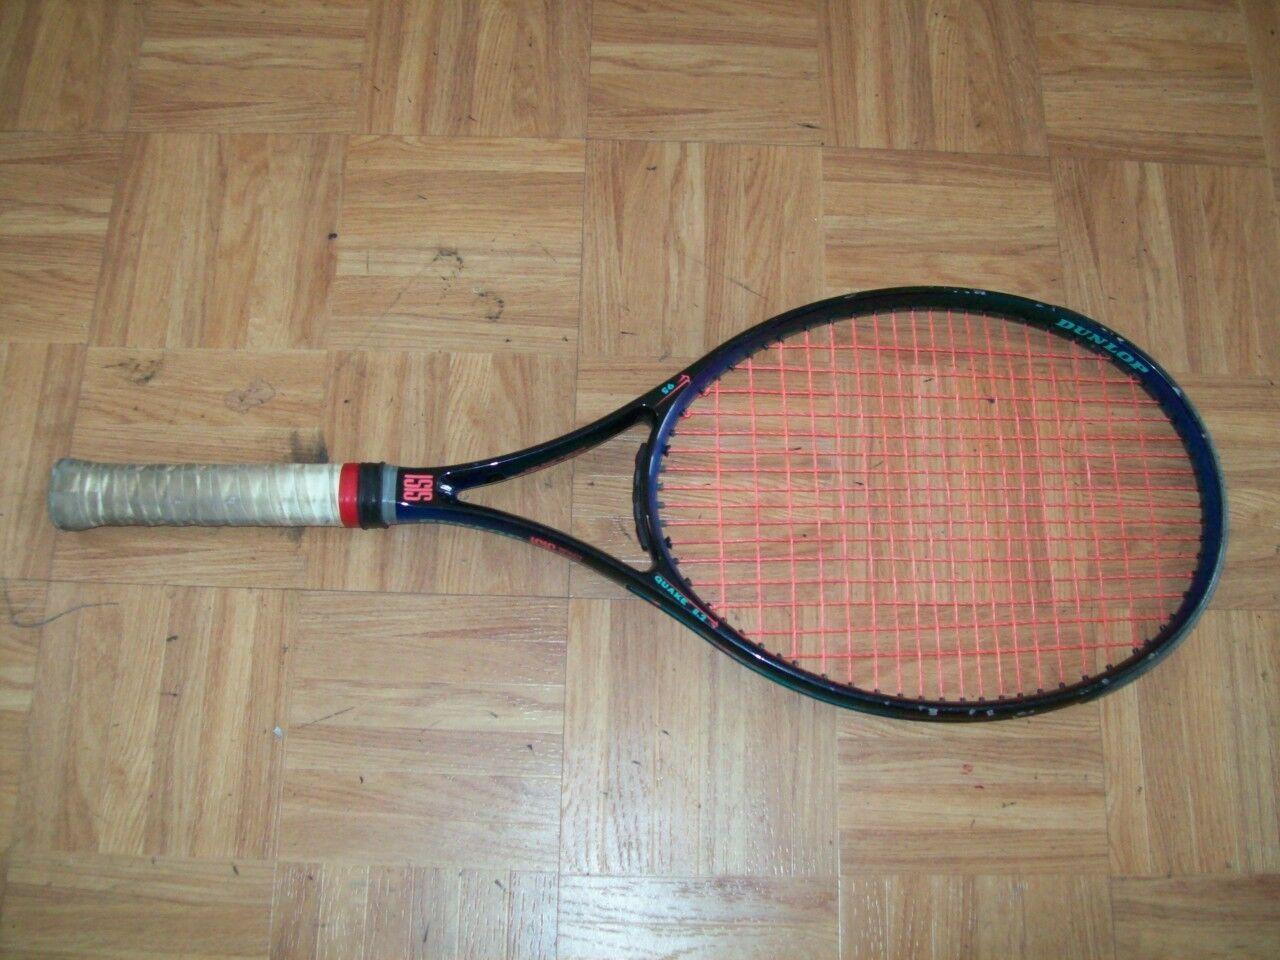 Dunlop Quake 8.2 95 4 1 4 Tennis Racquet